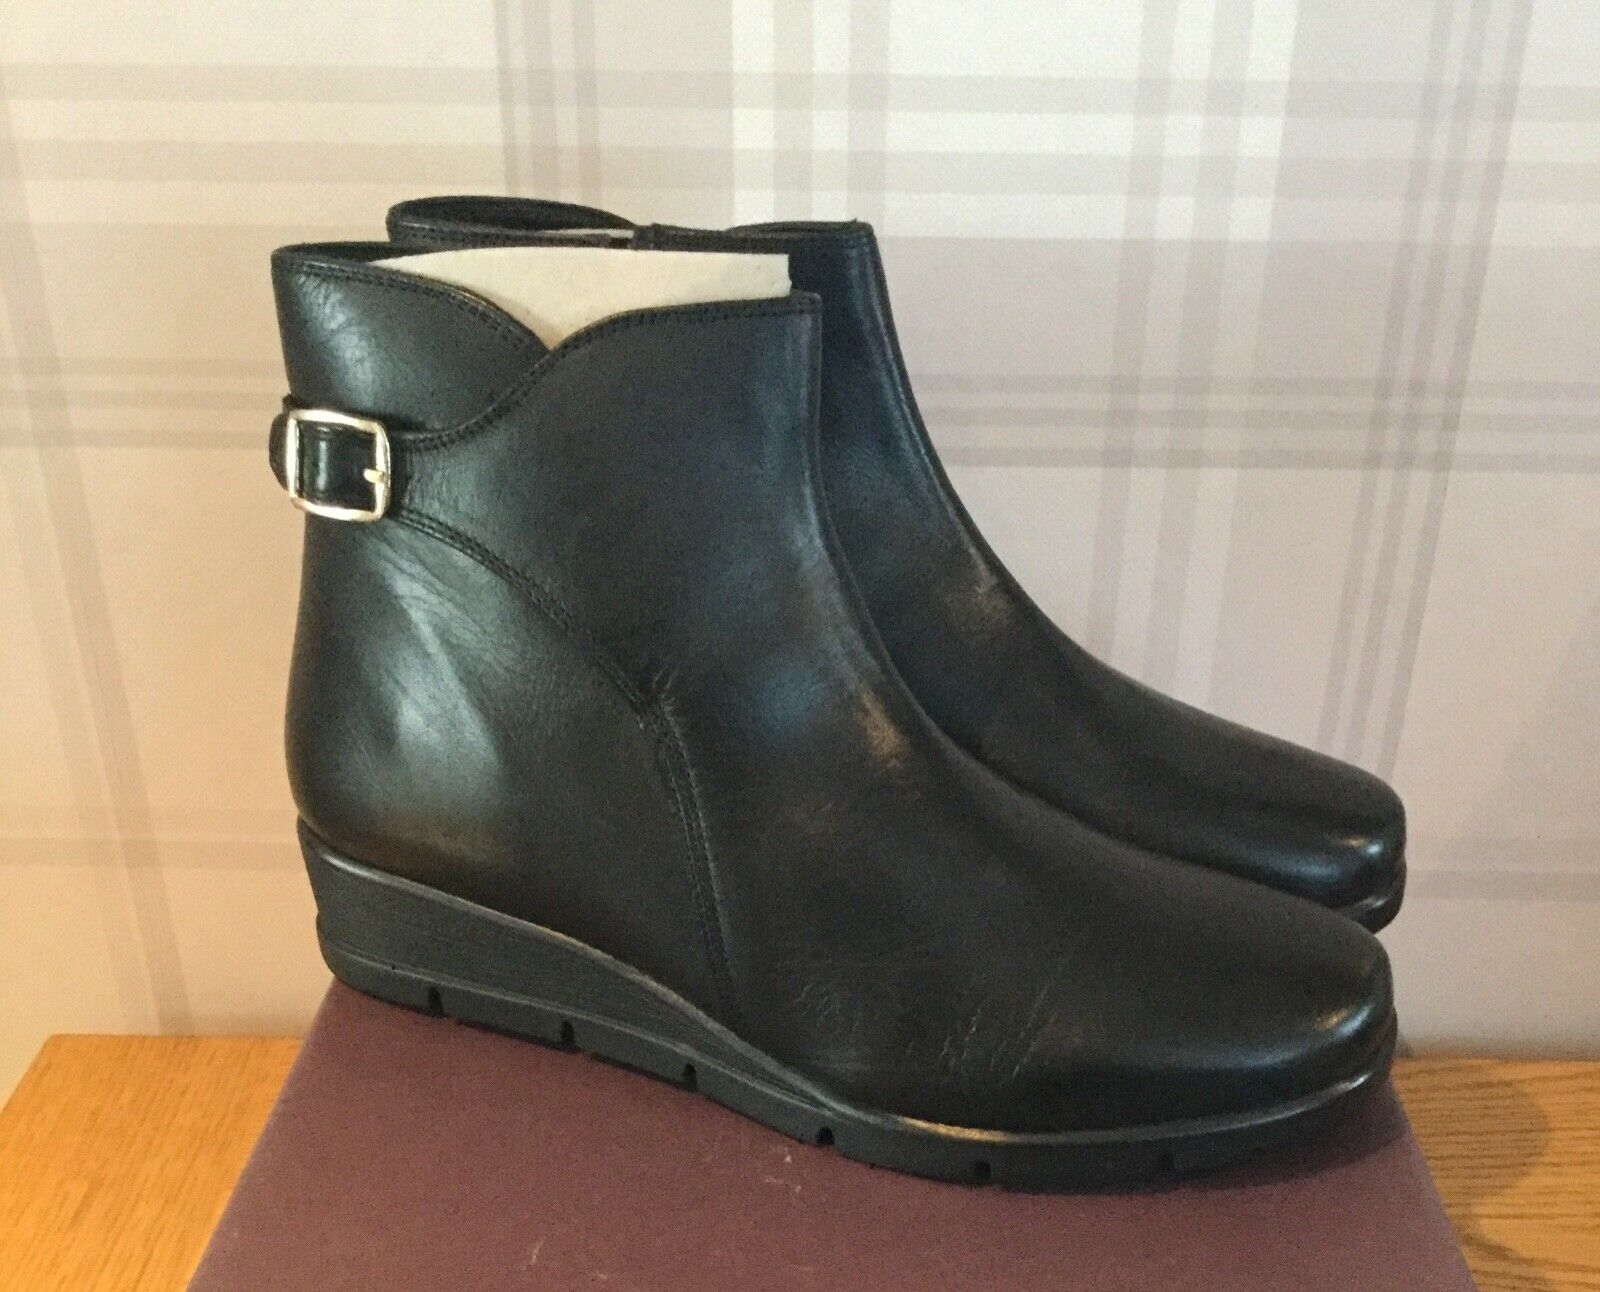 Nuevo Y En Caja carvela Rebecca Cuero Negro botas botas botas al Tobillo UK5 PVP  online al mejor precio